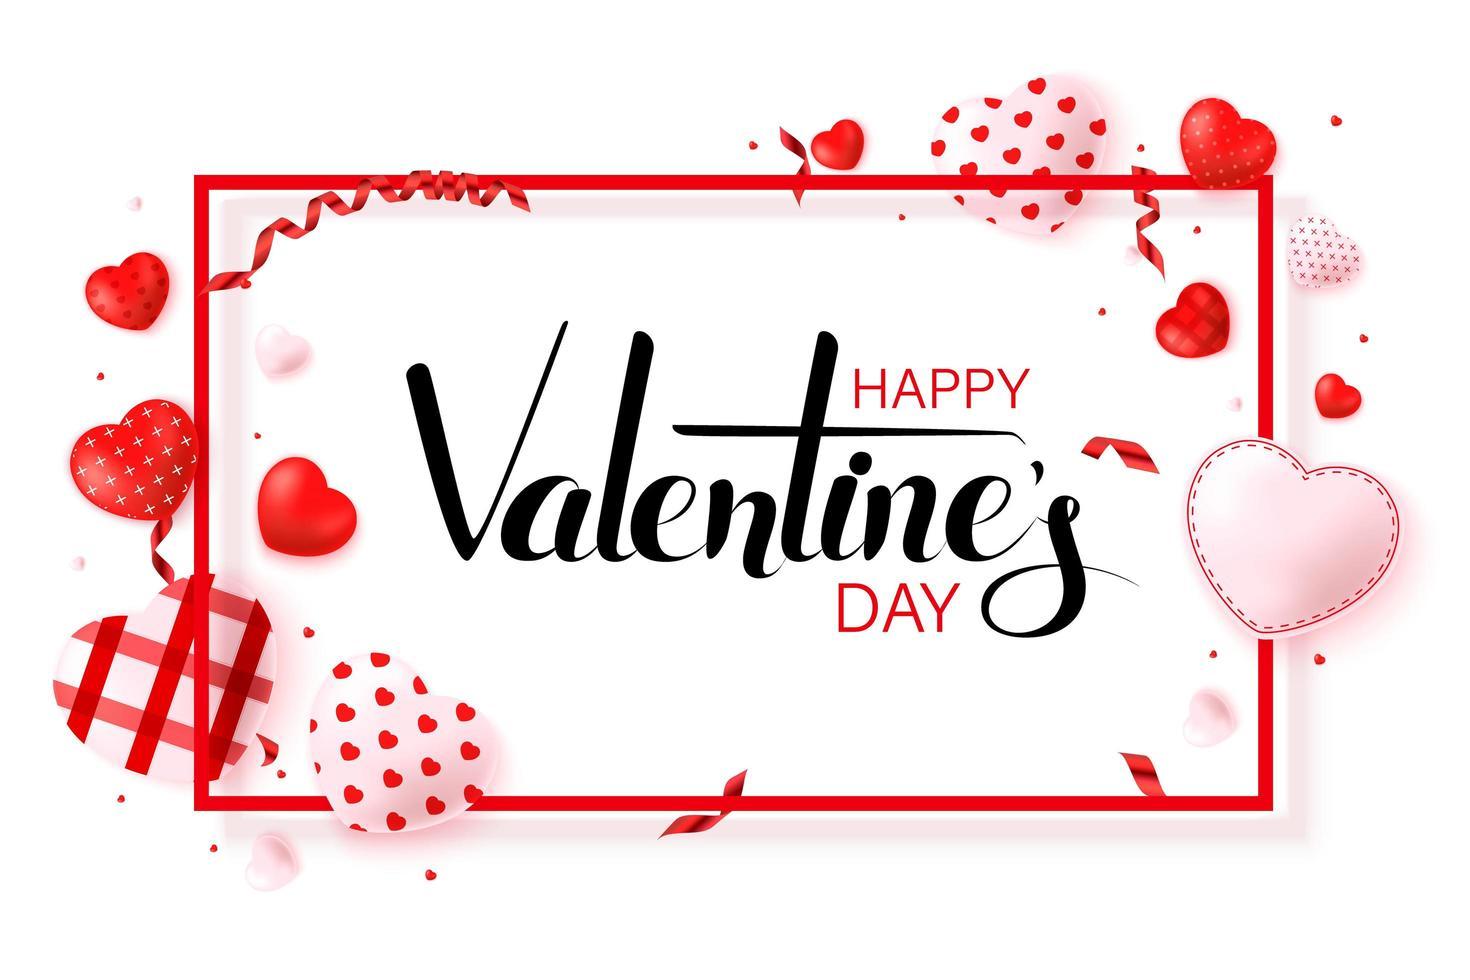 felice disegno di cartolina d'auguri di San Valentino vettore